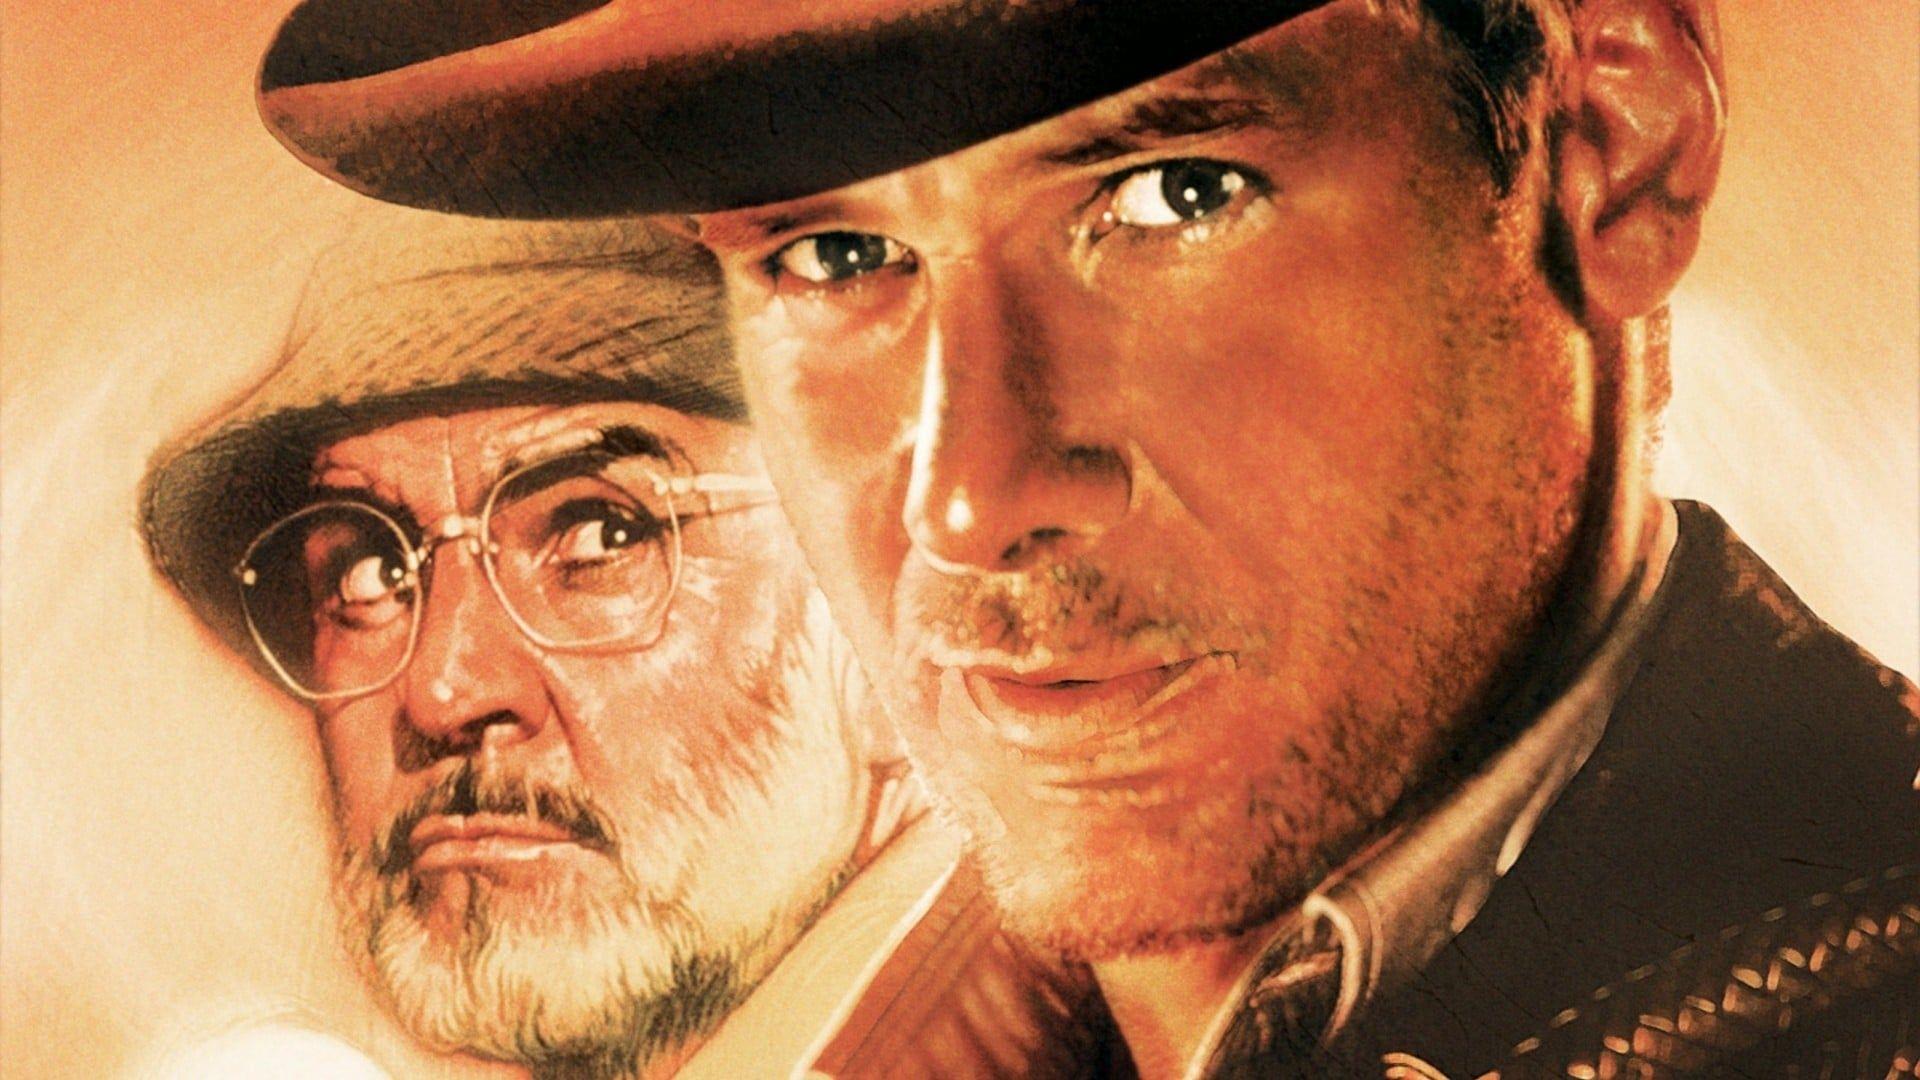 Indiana Jones 3 Det Sidste Korstog 1989 Fuld Film Online Streaming Dansk Movie123 Arkaeologen Dr Indiana Jones For I Indiana Jones Free Movies Online Movies